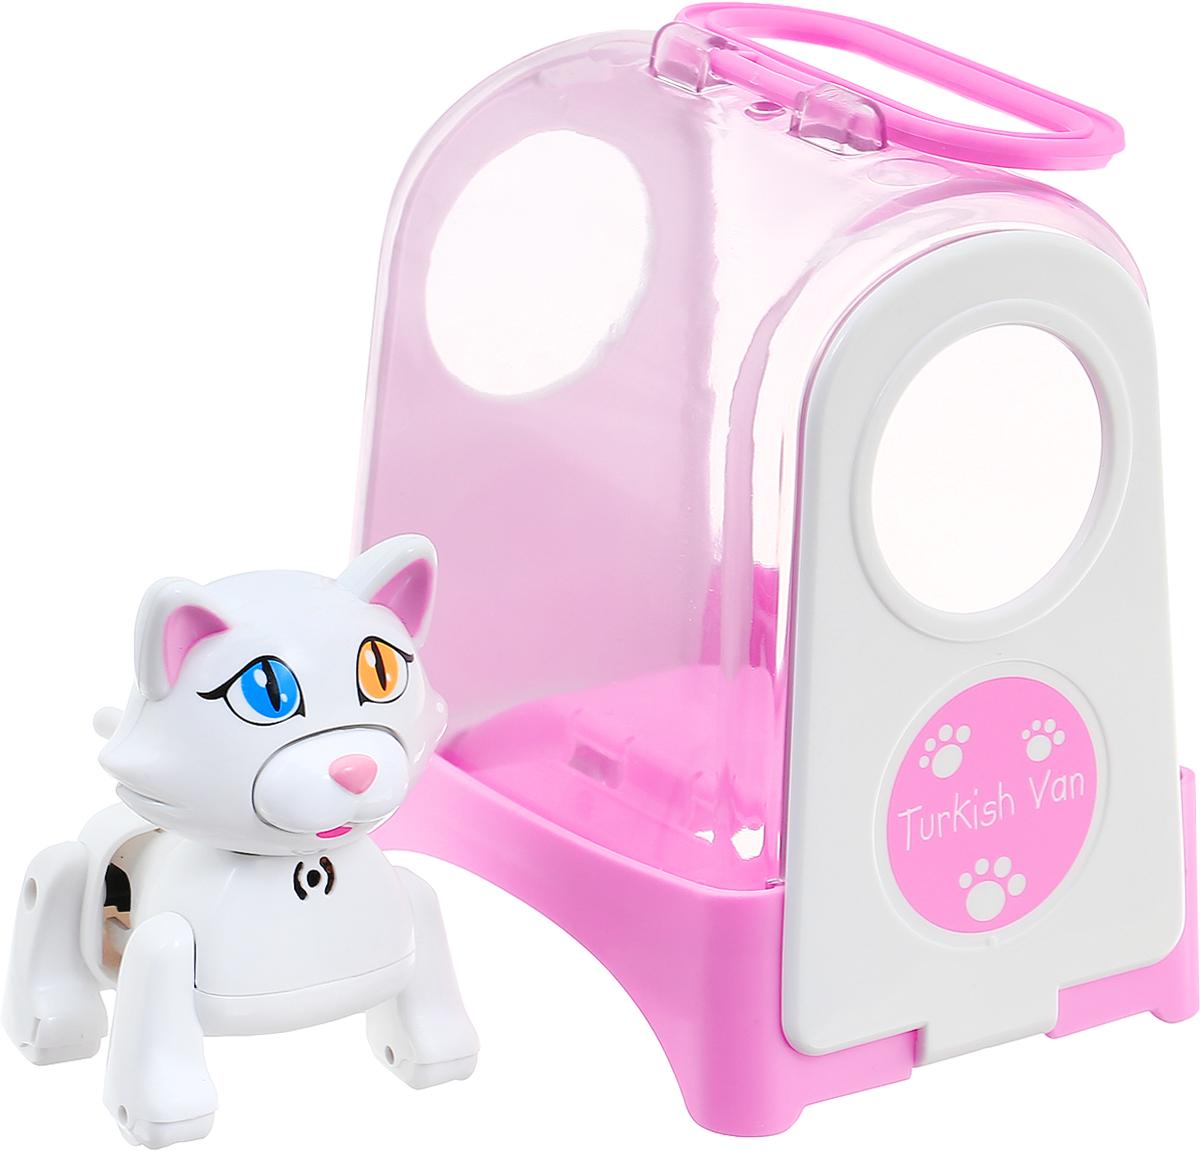 DigiFriends Интерактивная игрушка Котенок в переноске цвет белый 88512_белый